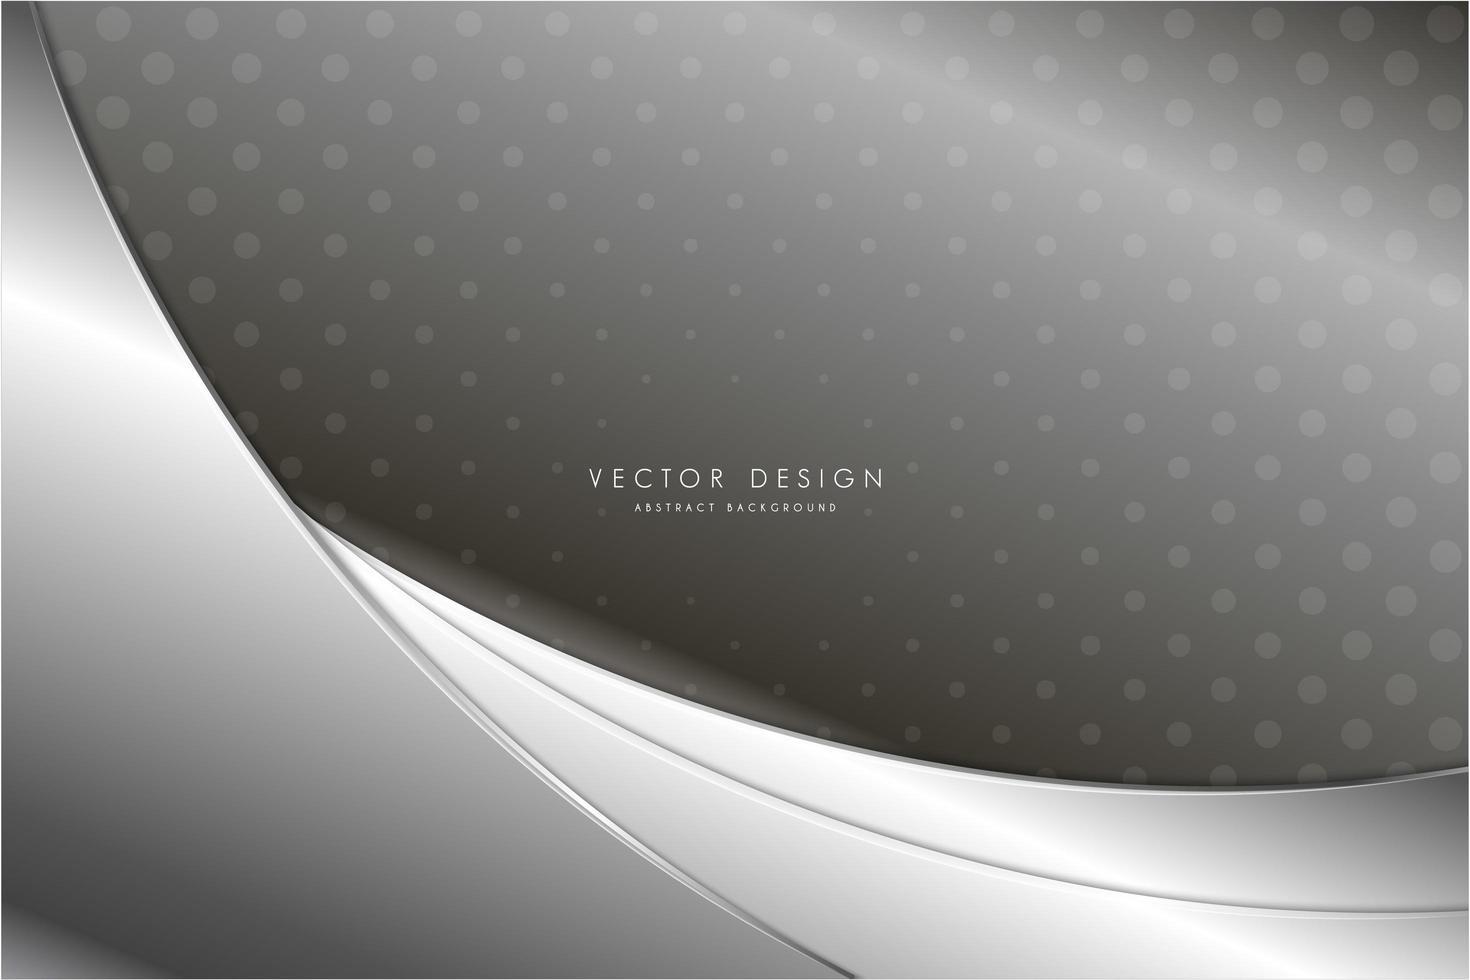 pannelli curvi argento metallizzato con motivo punteggiato vettore